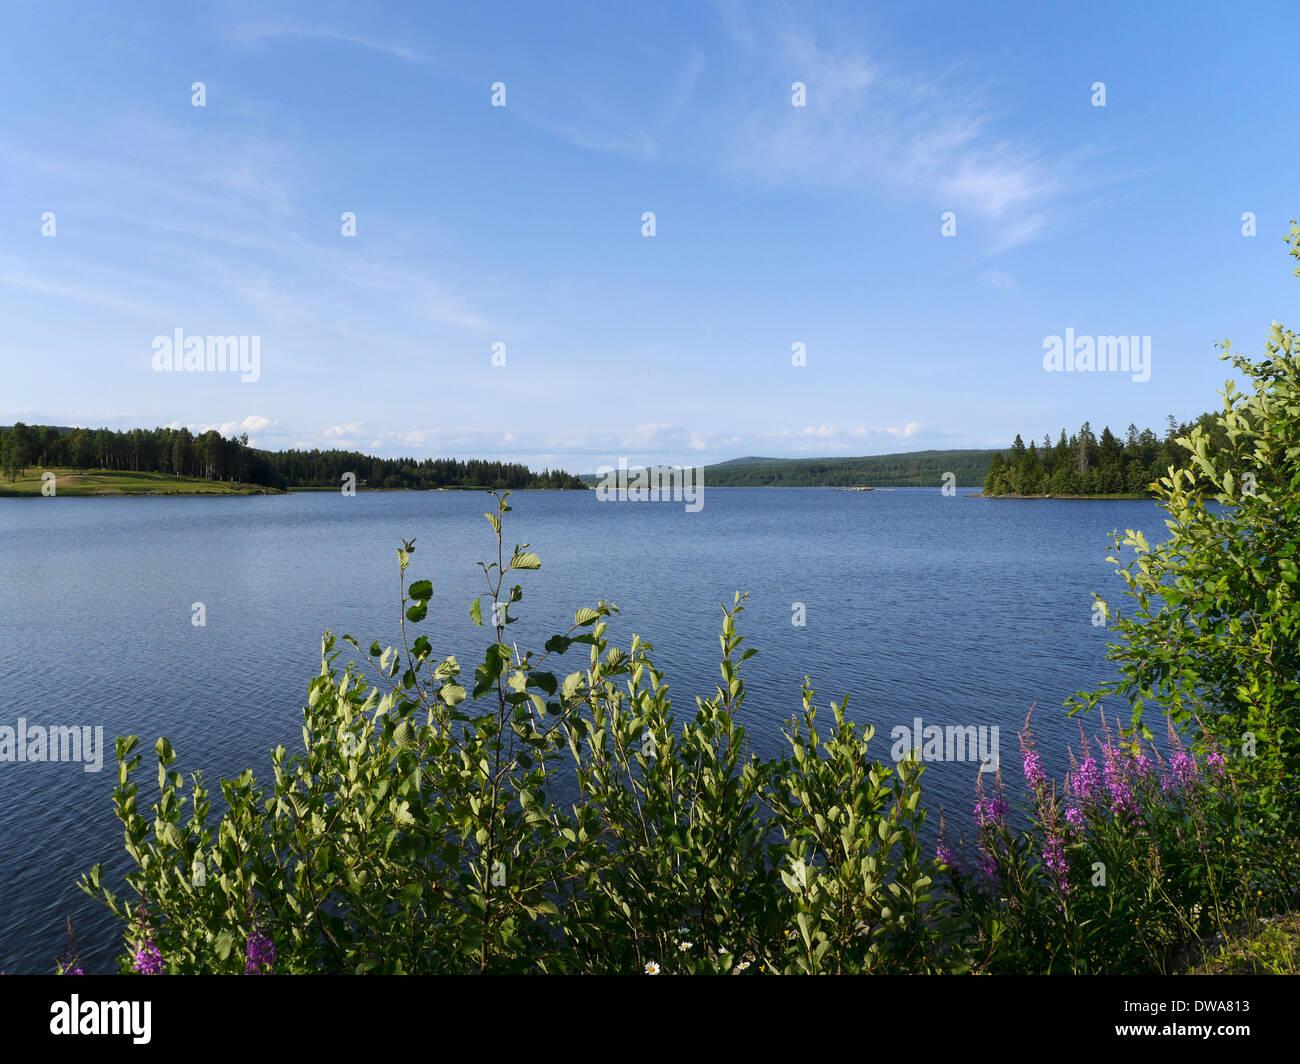 lustholmen, höga kusten (high coast), västernorrlands län, gulf of bothnia, sweden - Stock Image